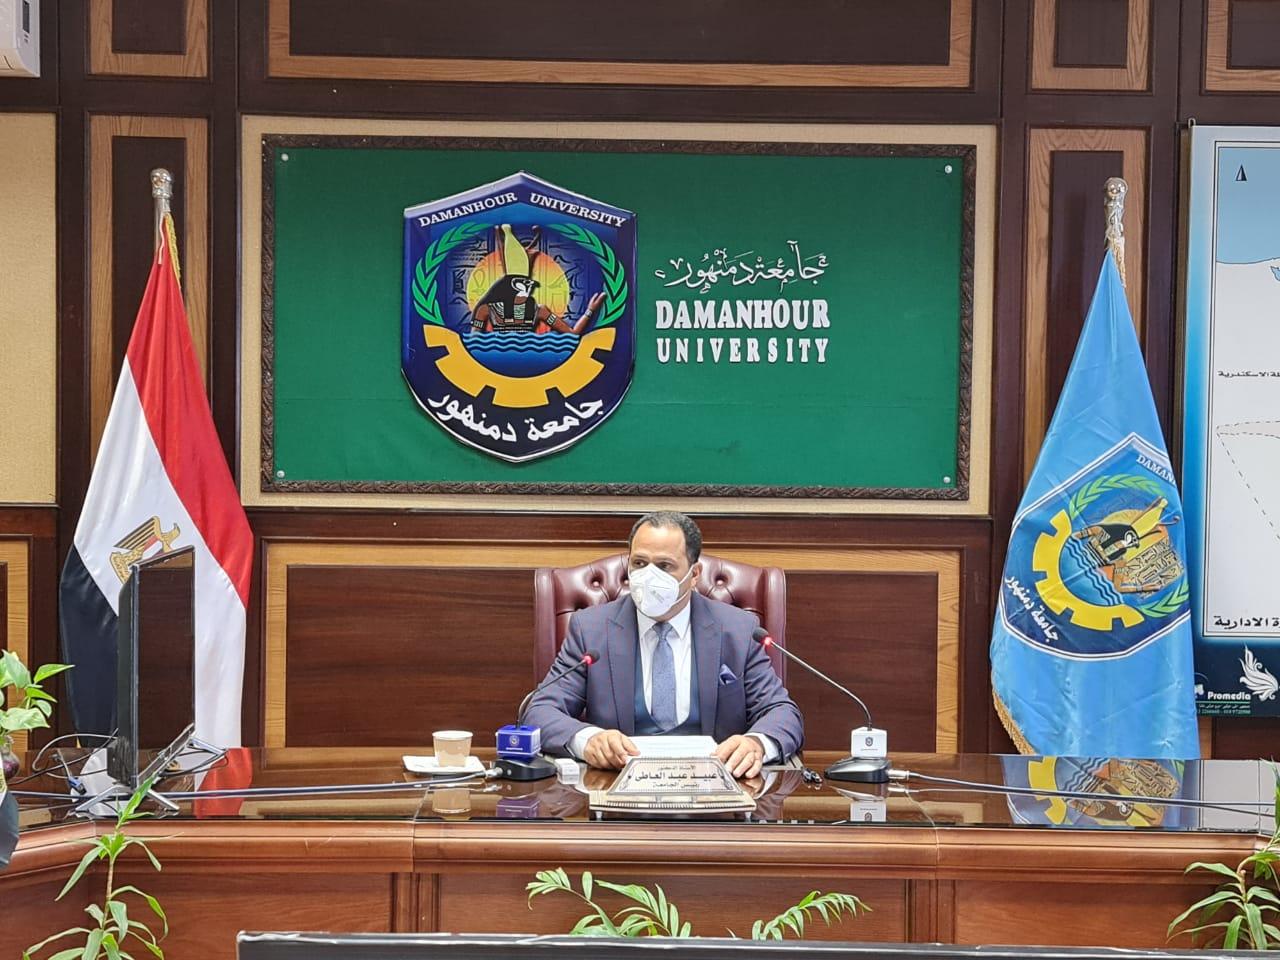 عبيد صالح: بنك الأفكار بجامعة دمنهور يساهم فى تنمية المجتمع والإرتقاء به